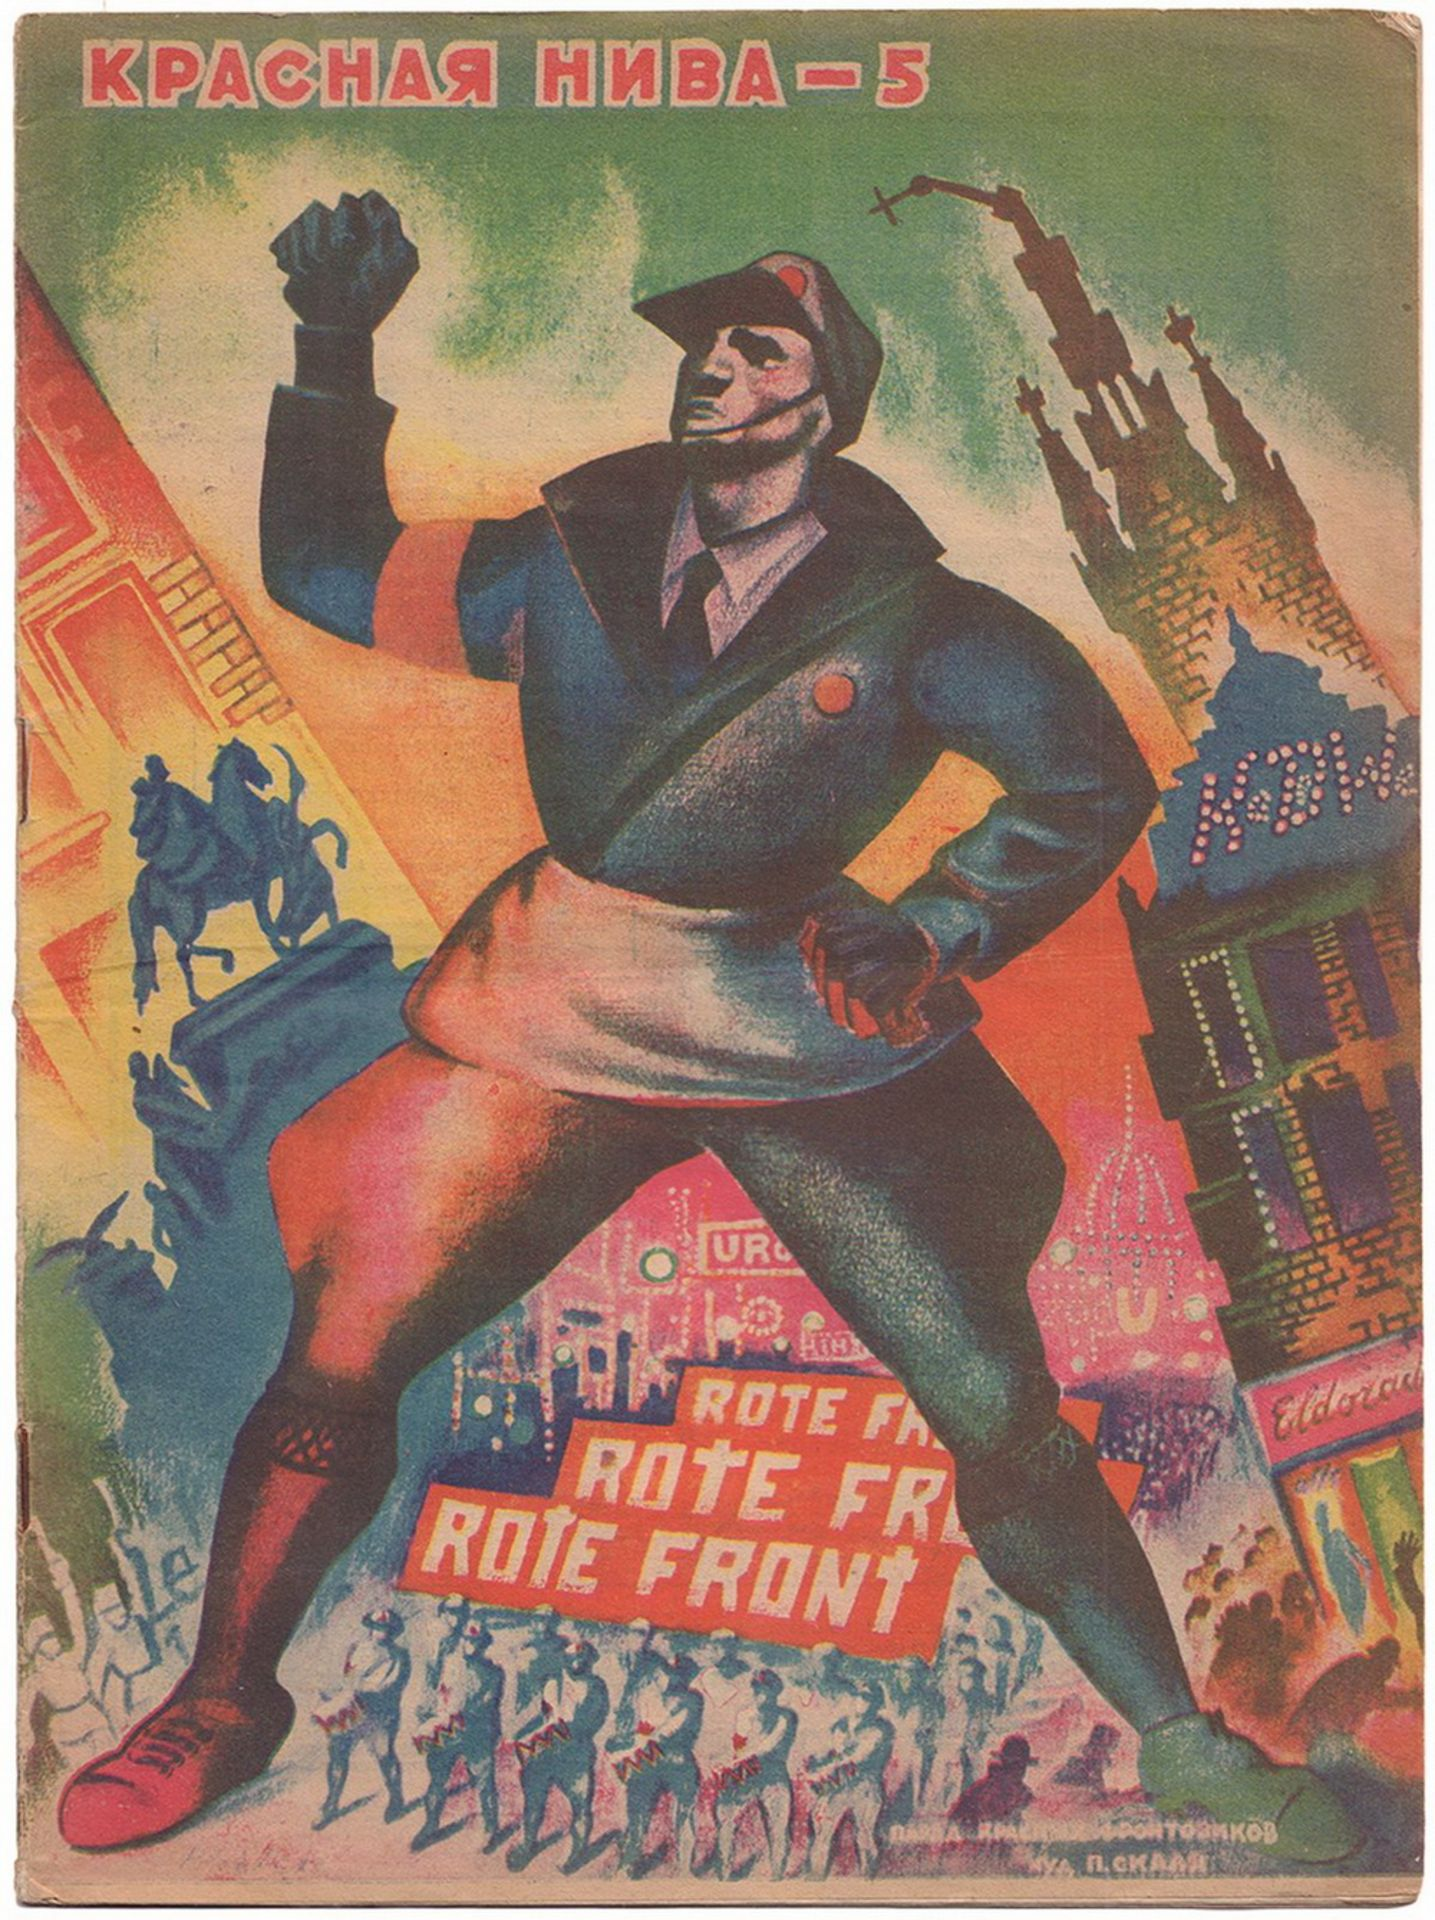 """[Sokolov-Skalya, P., design. Soviet art]. """"Krasnaya Niva"""" [Red Fields]: Magazine. Issue 5th. - Mosco"""